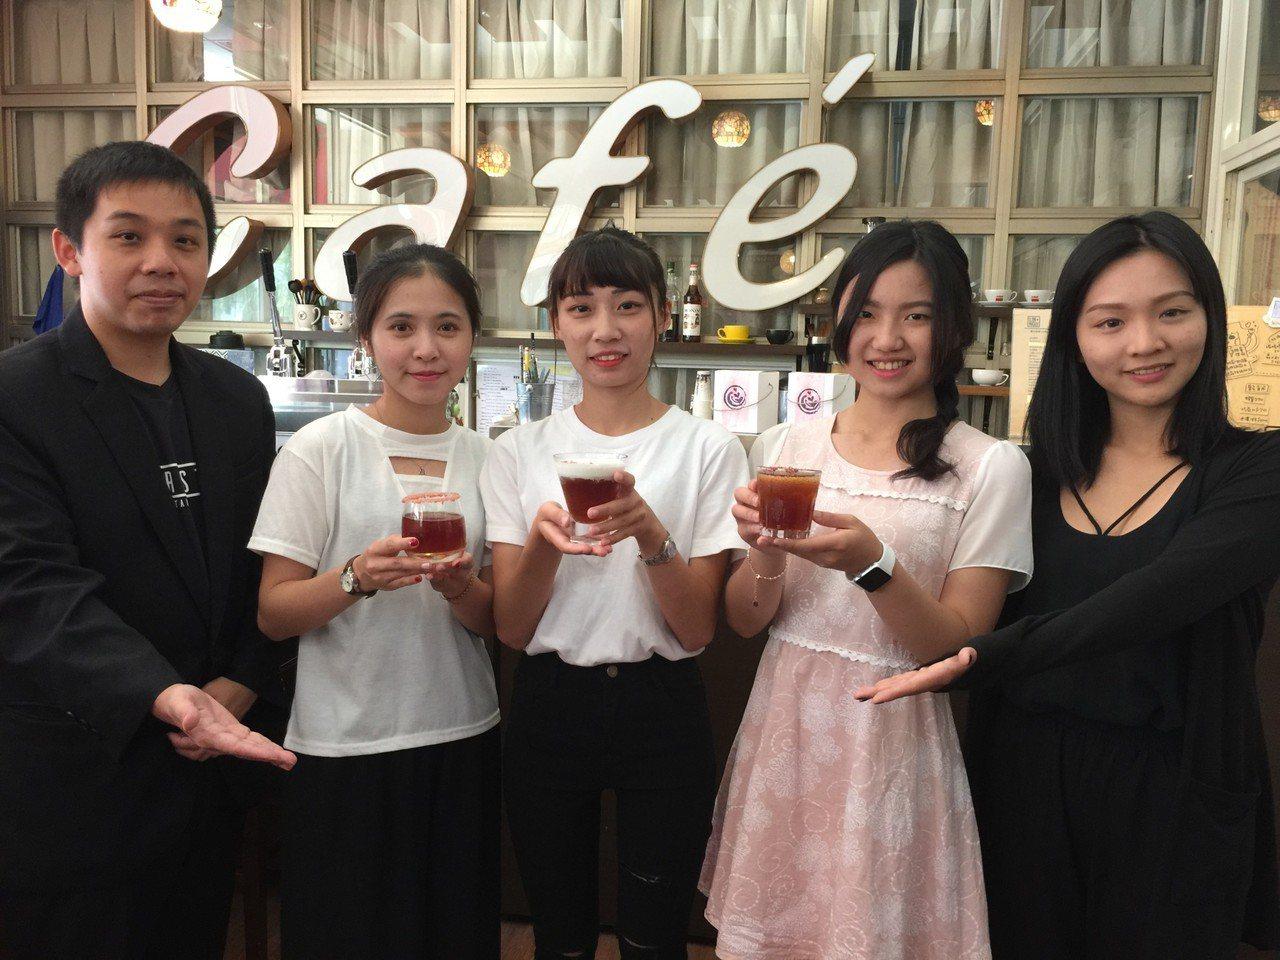 金門大學觀光系陳芳儒(右二)、李雨珊(左二)、林毓芬(左三)3人參加在廈門舉行的...